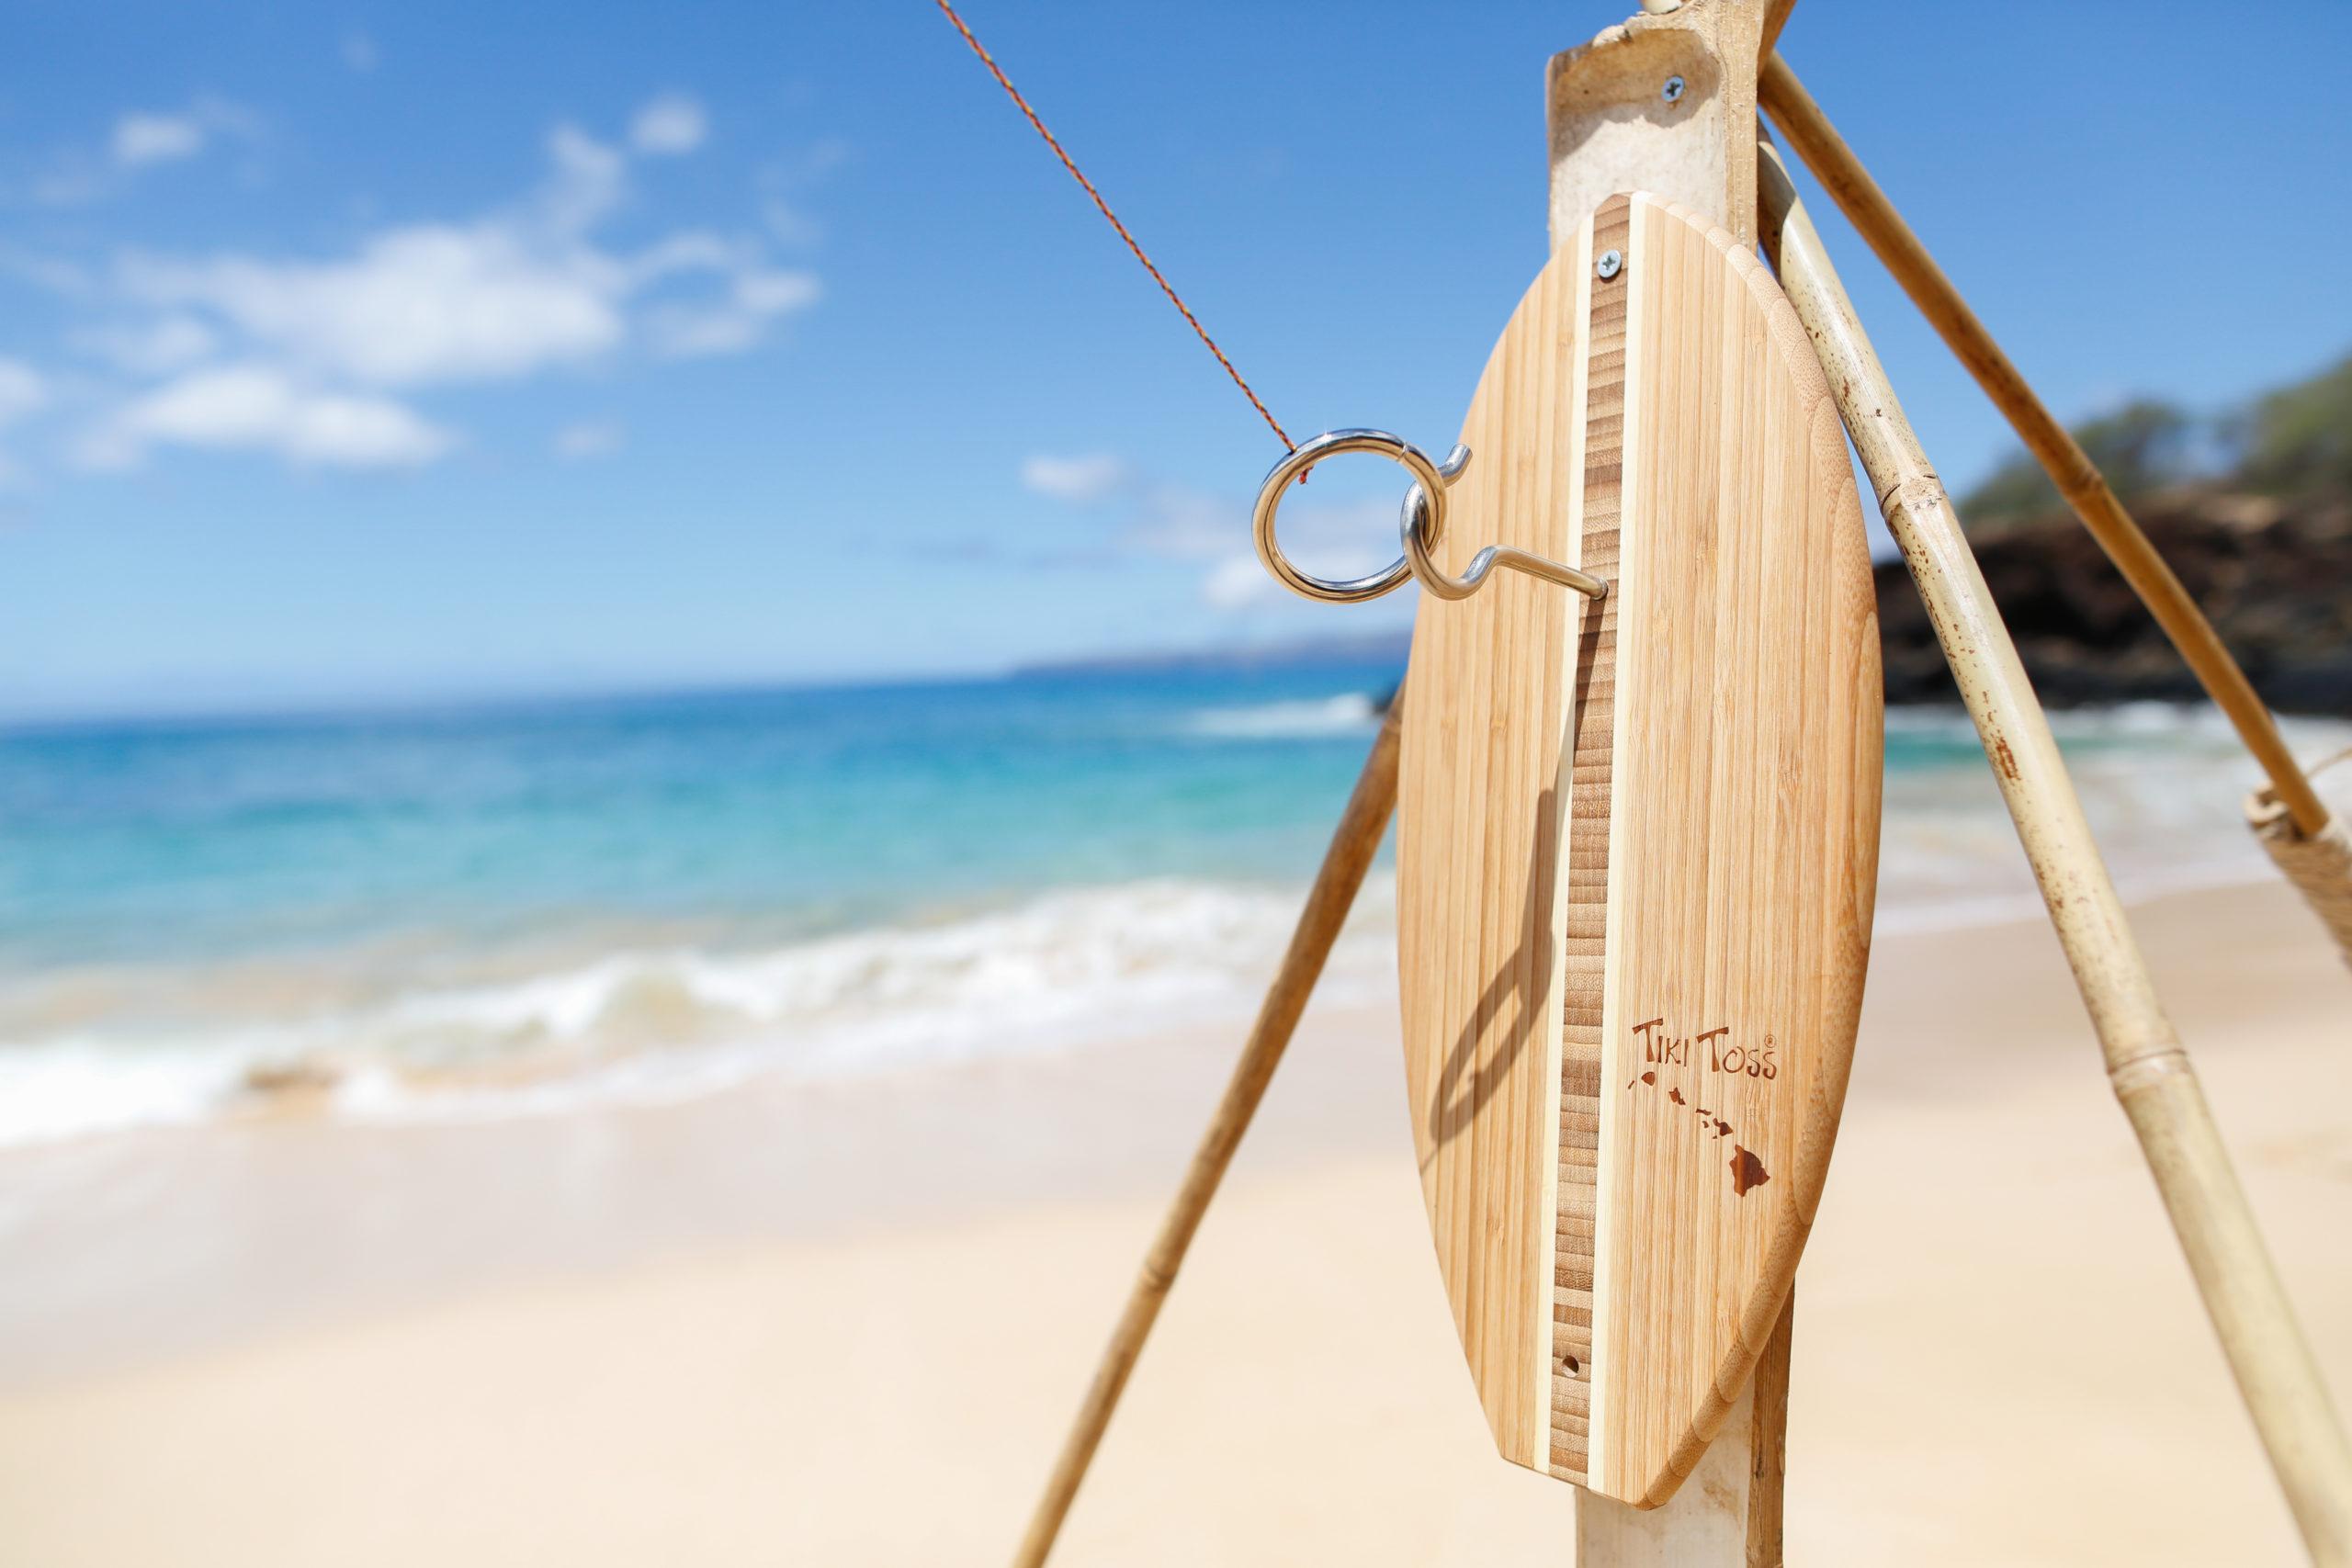 Tiki toss game at beach